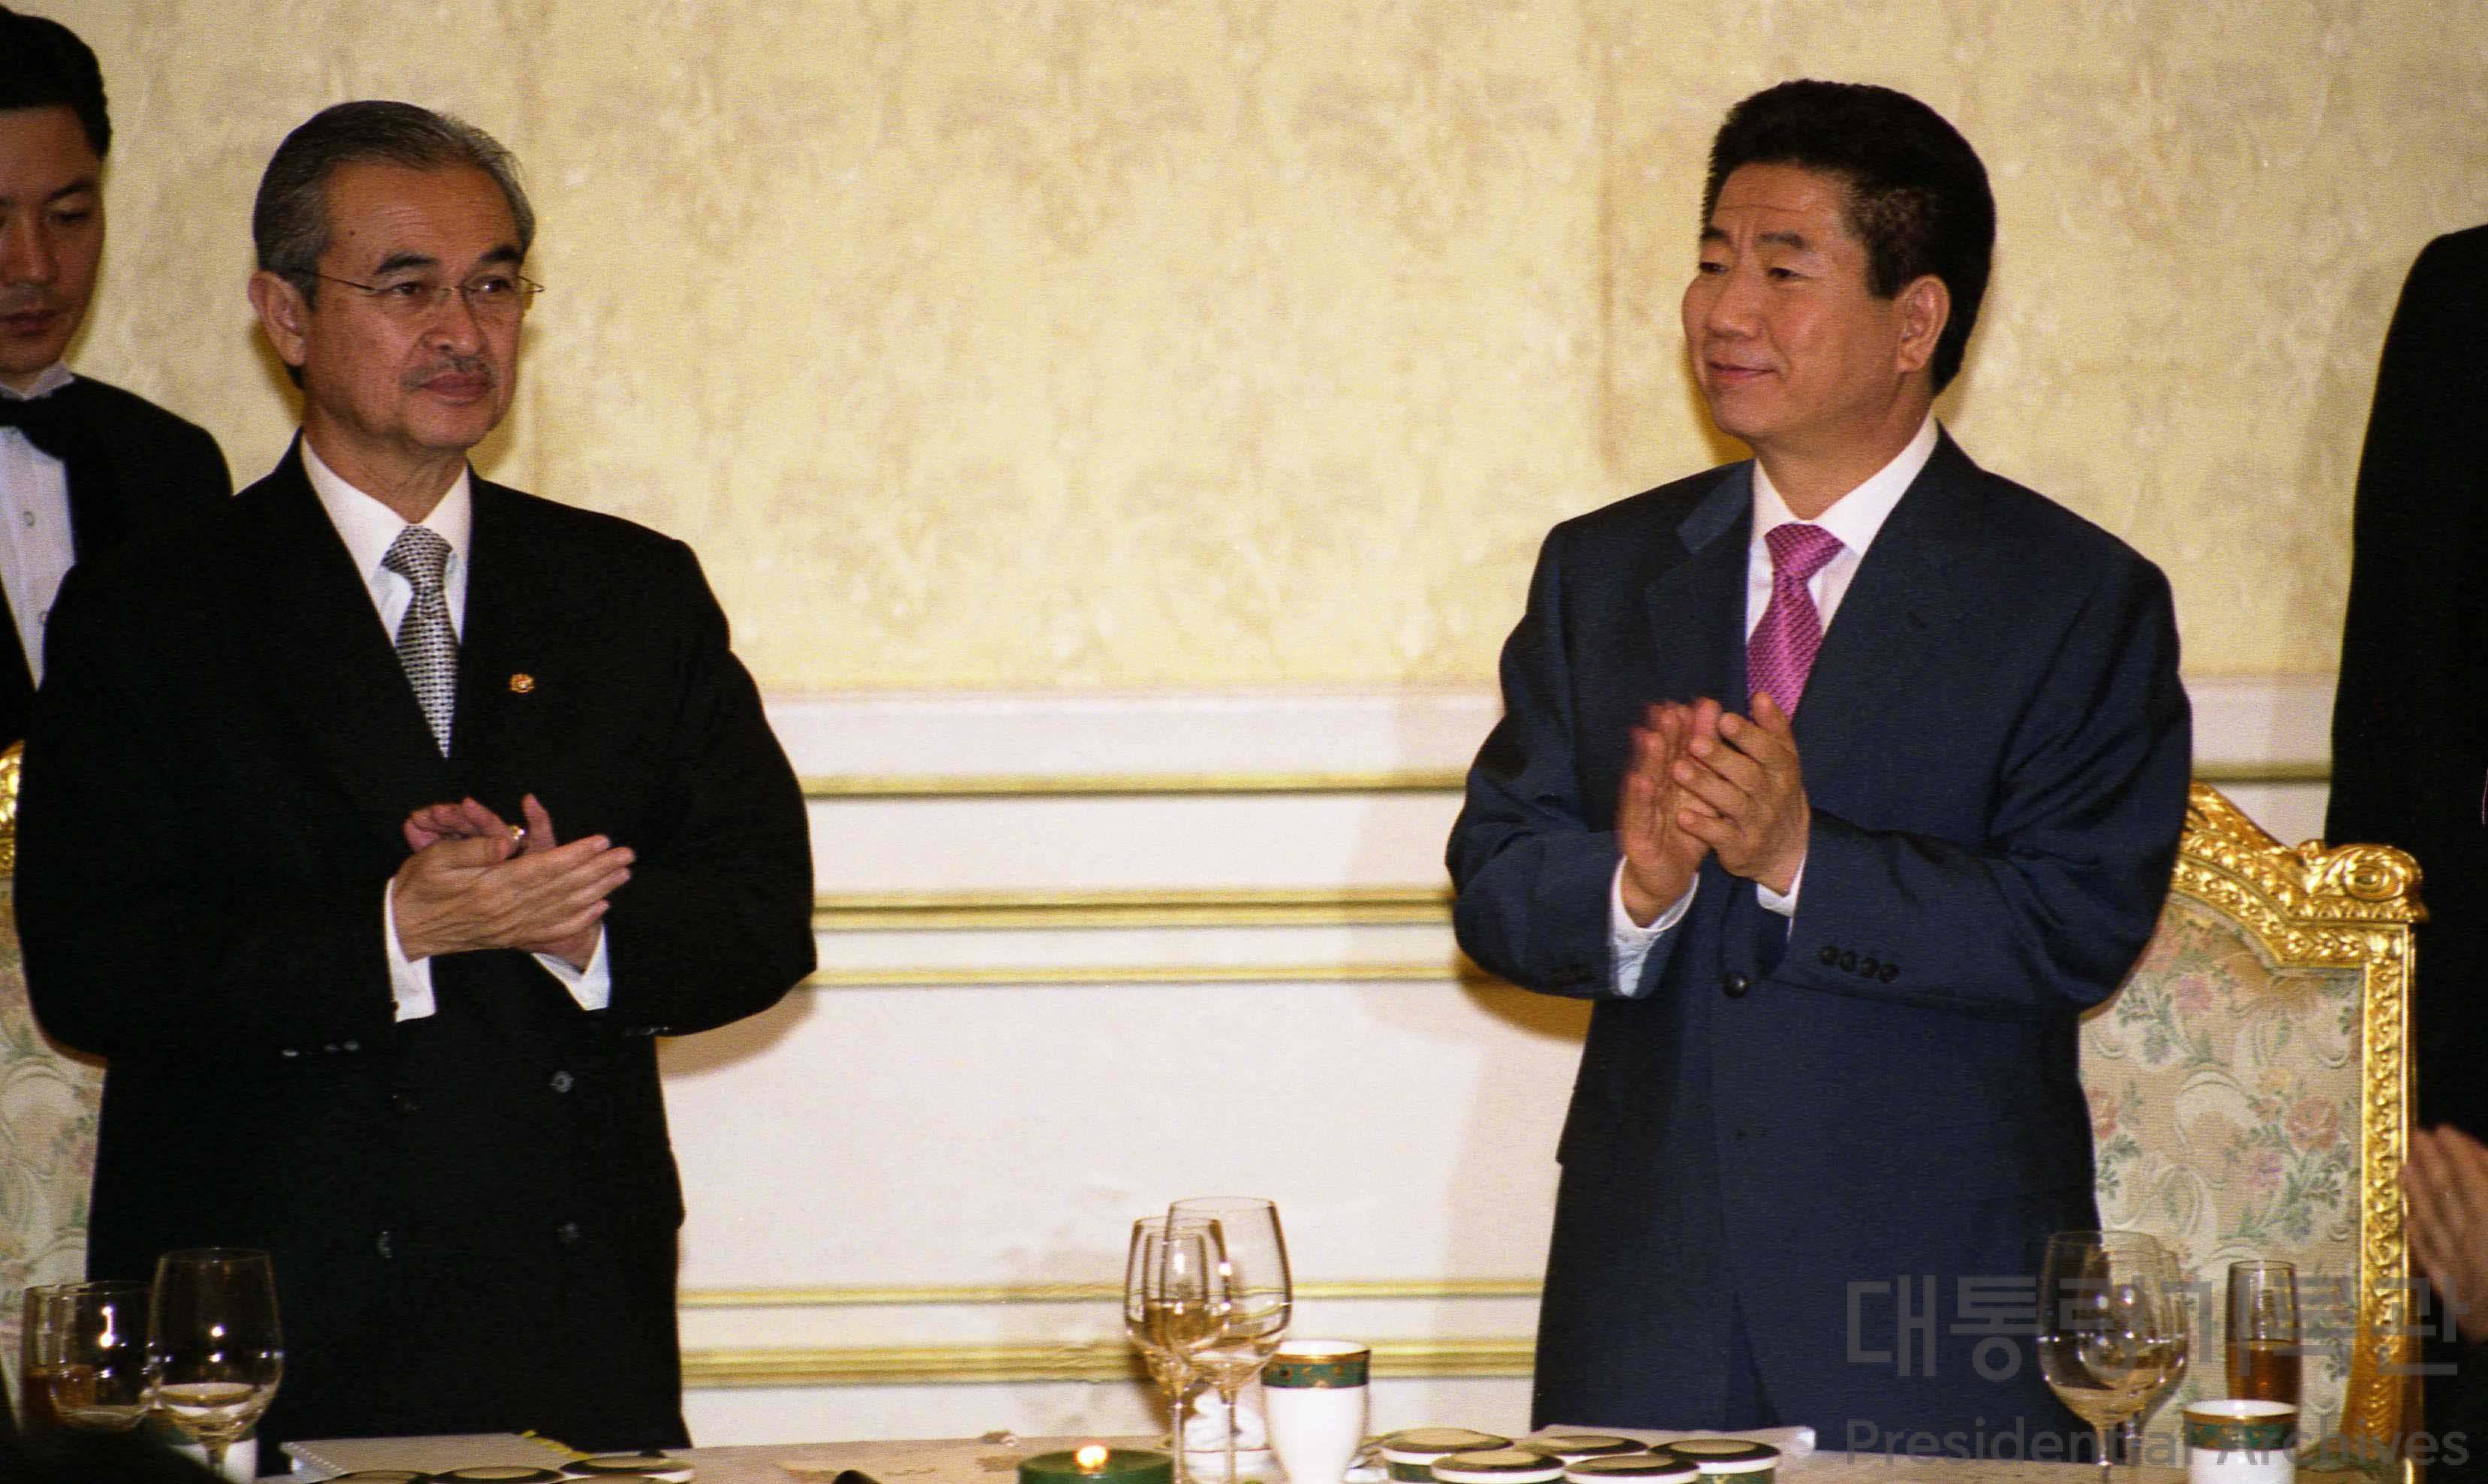 한·말레이시아 정상만찬(노무현 대통령, 압둘라 바다위 총리)2